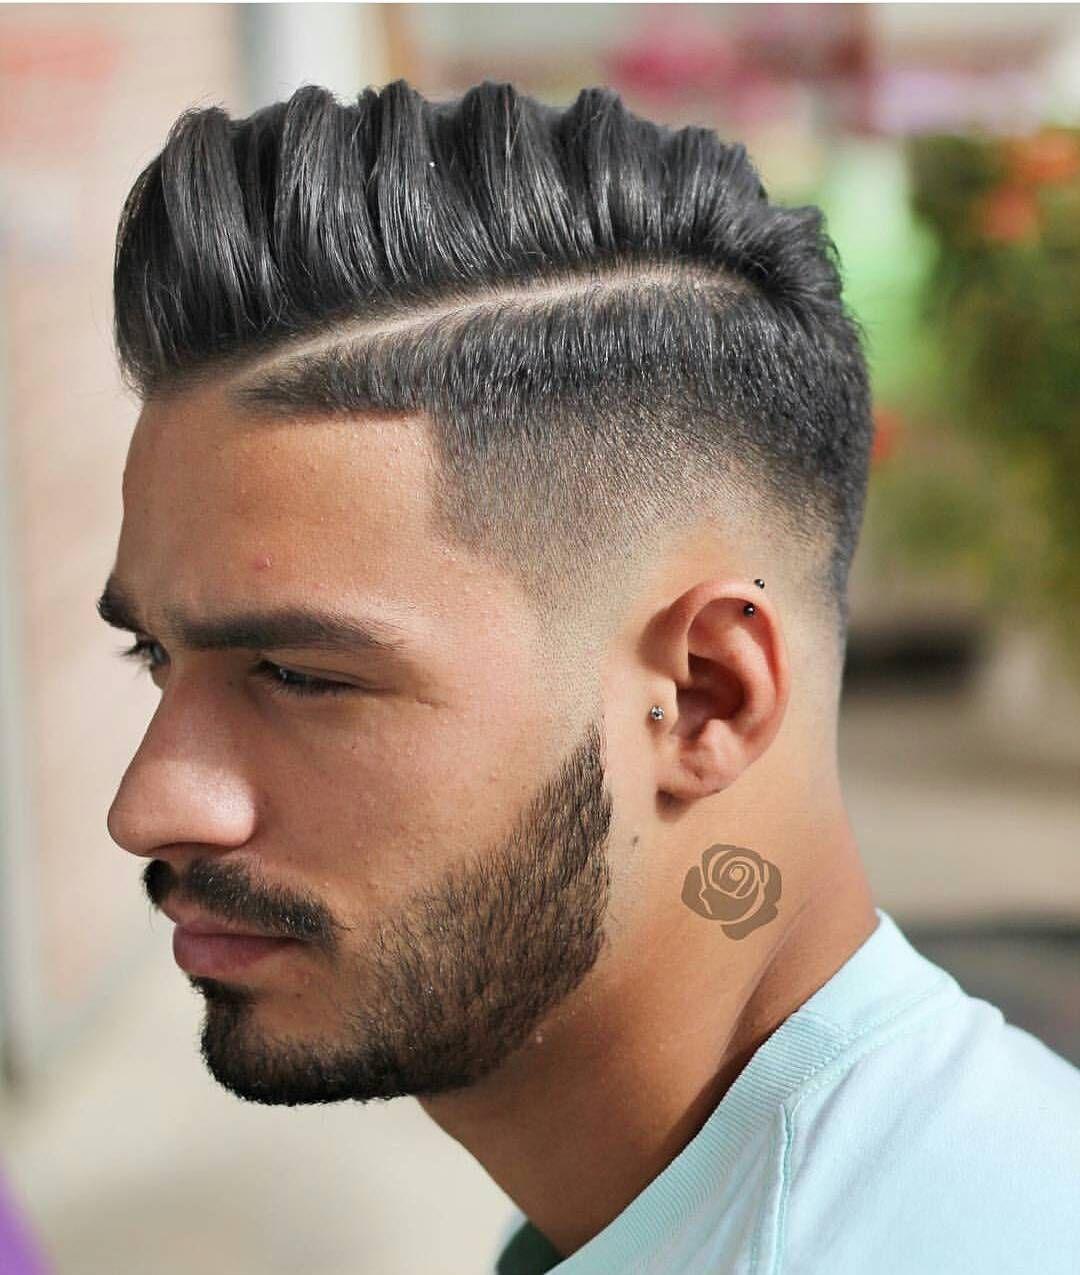 Mens fade haircut styles menus hairstyles u menus haircuts dünyanın her yerinden berberler ve